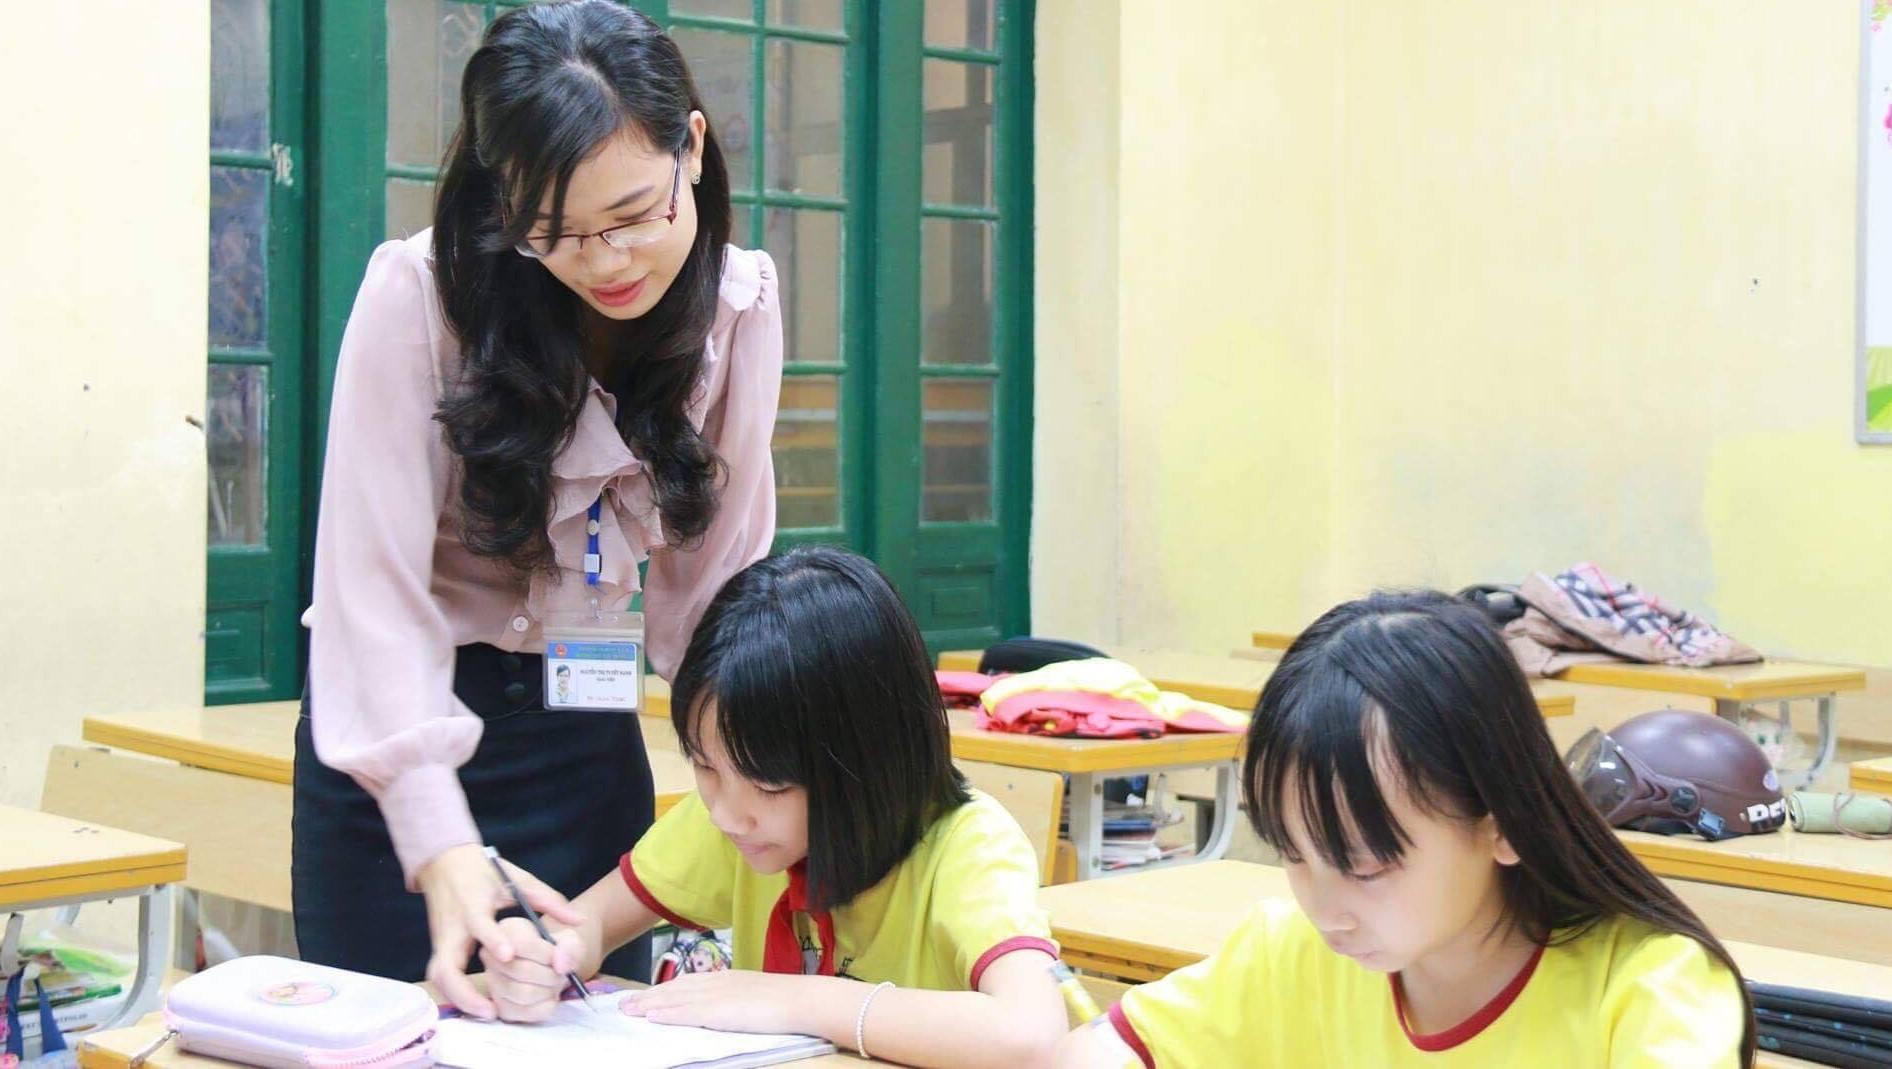 Nhiều giáo viên chưa đáp ứng được chuẩn mới đang xây dựng